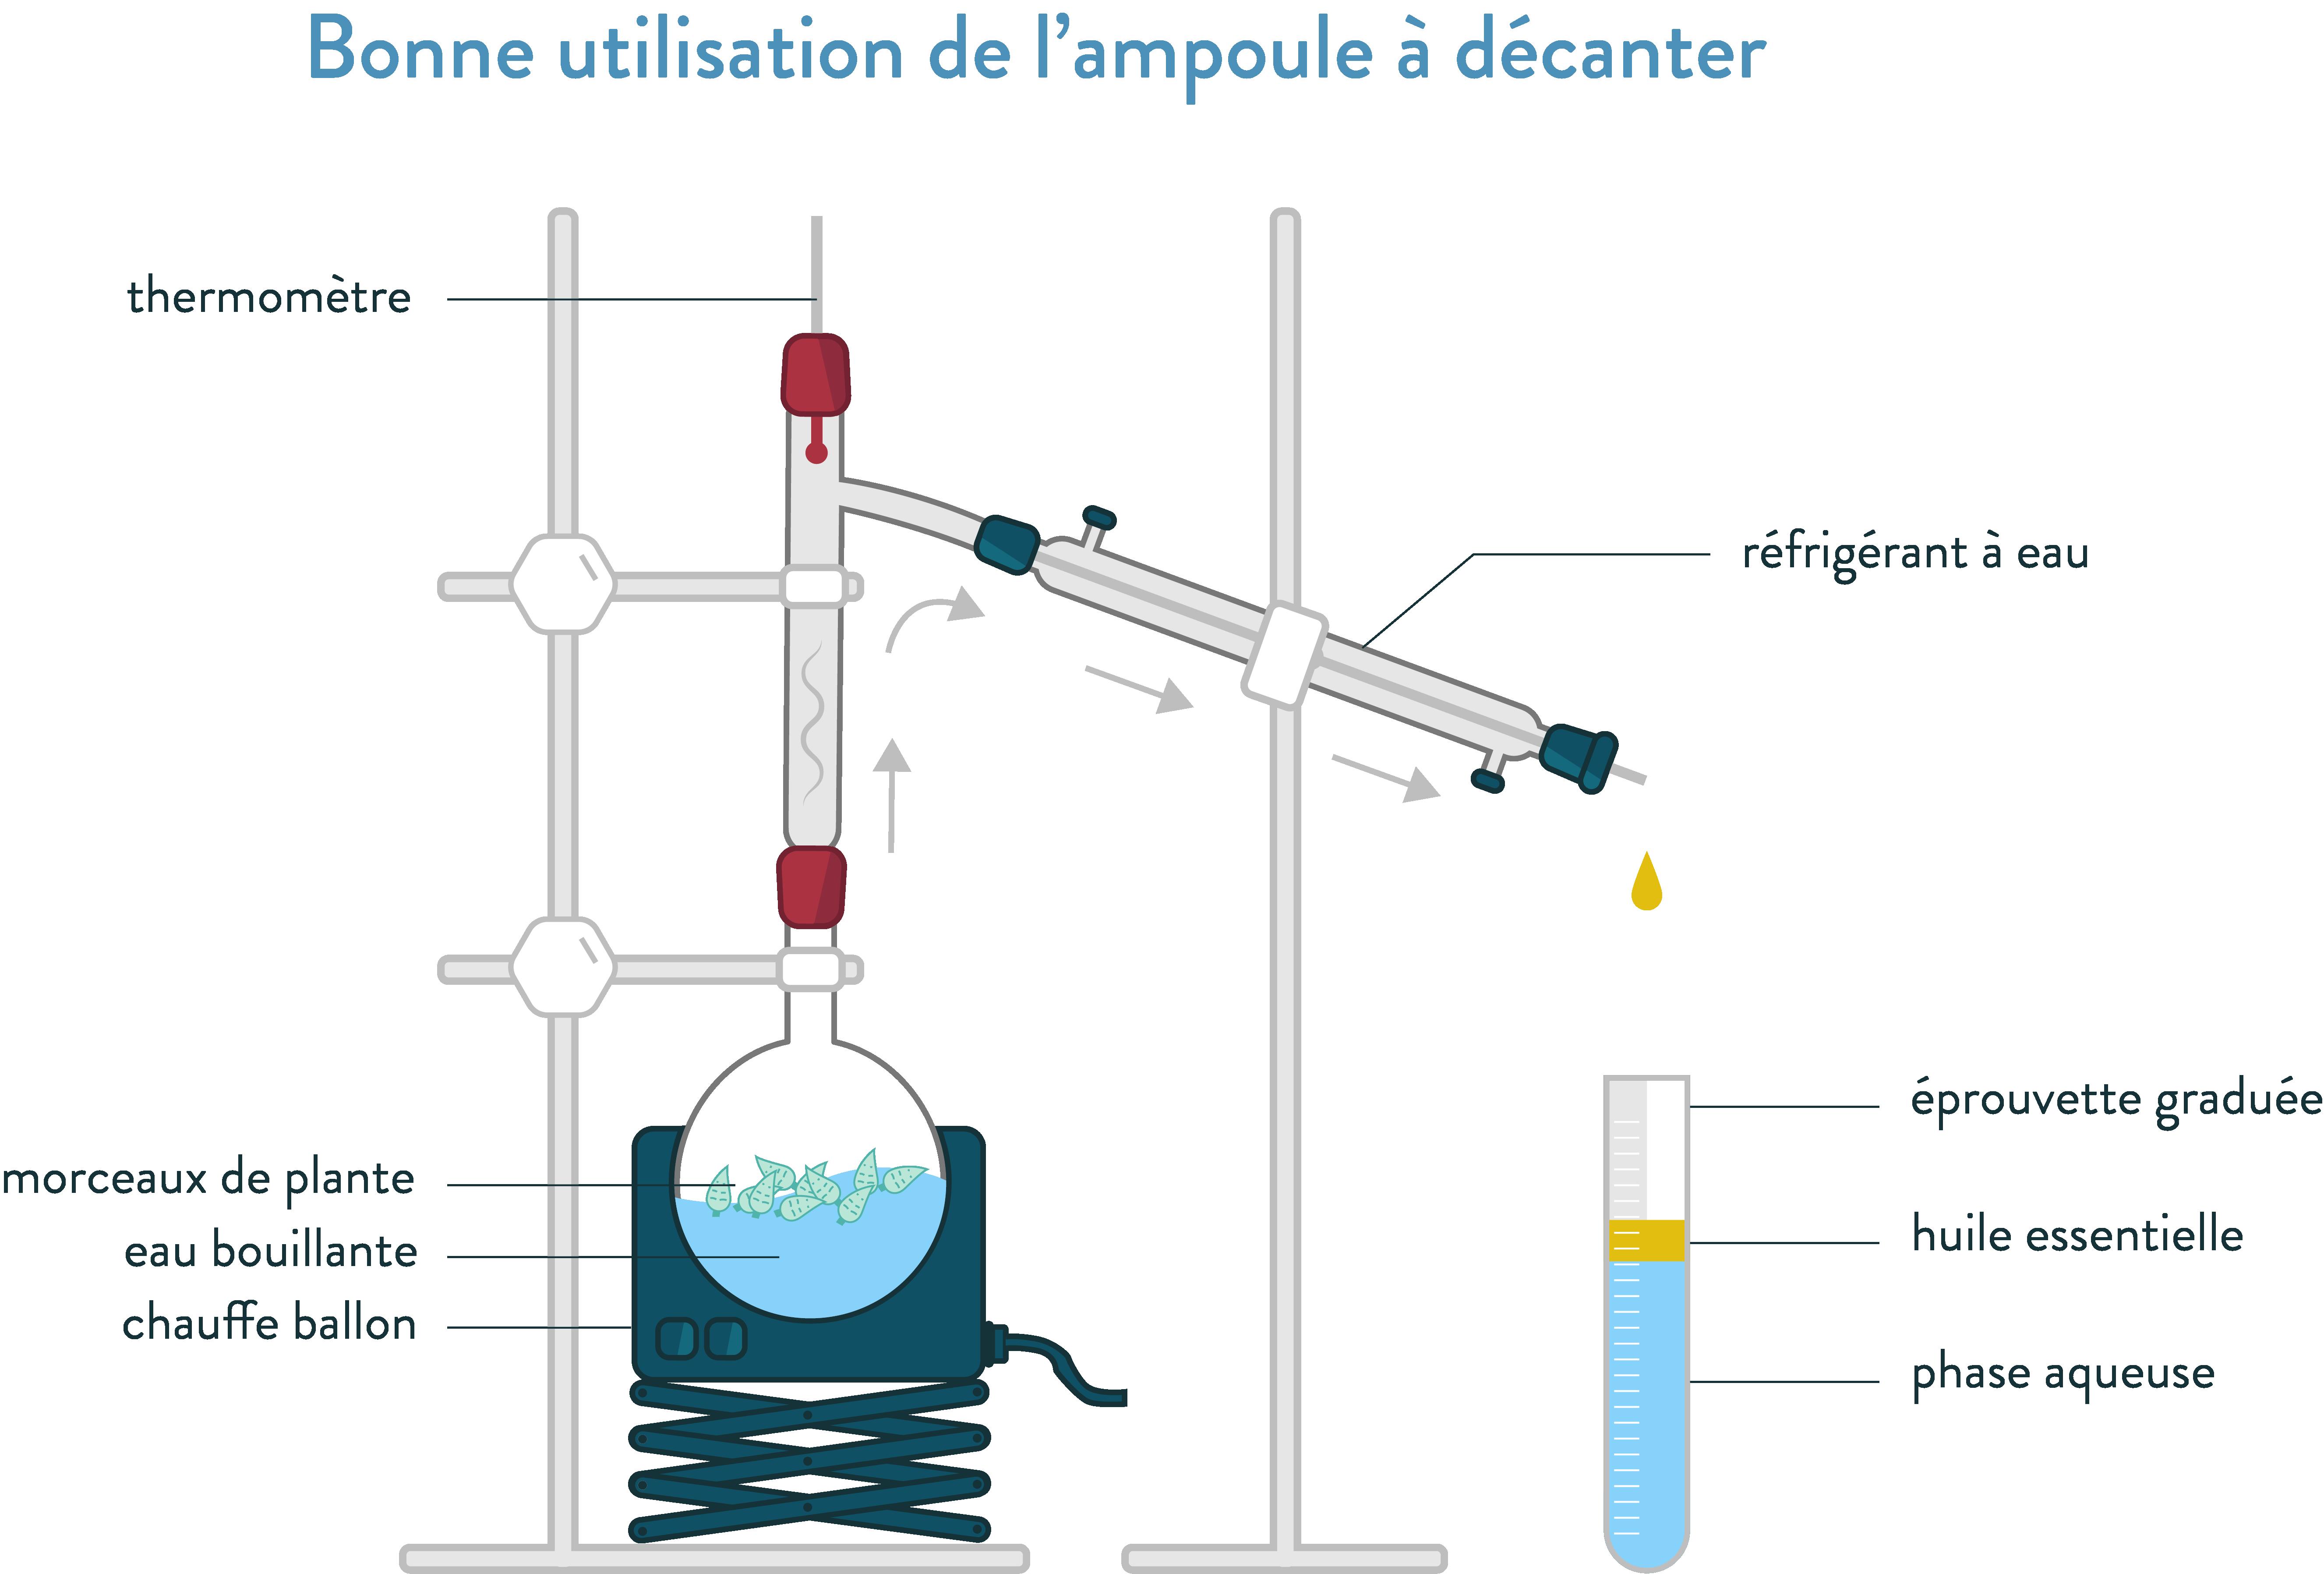 Montage de l'hydrodistillation seconde physique-chimie